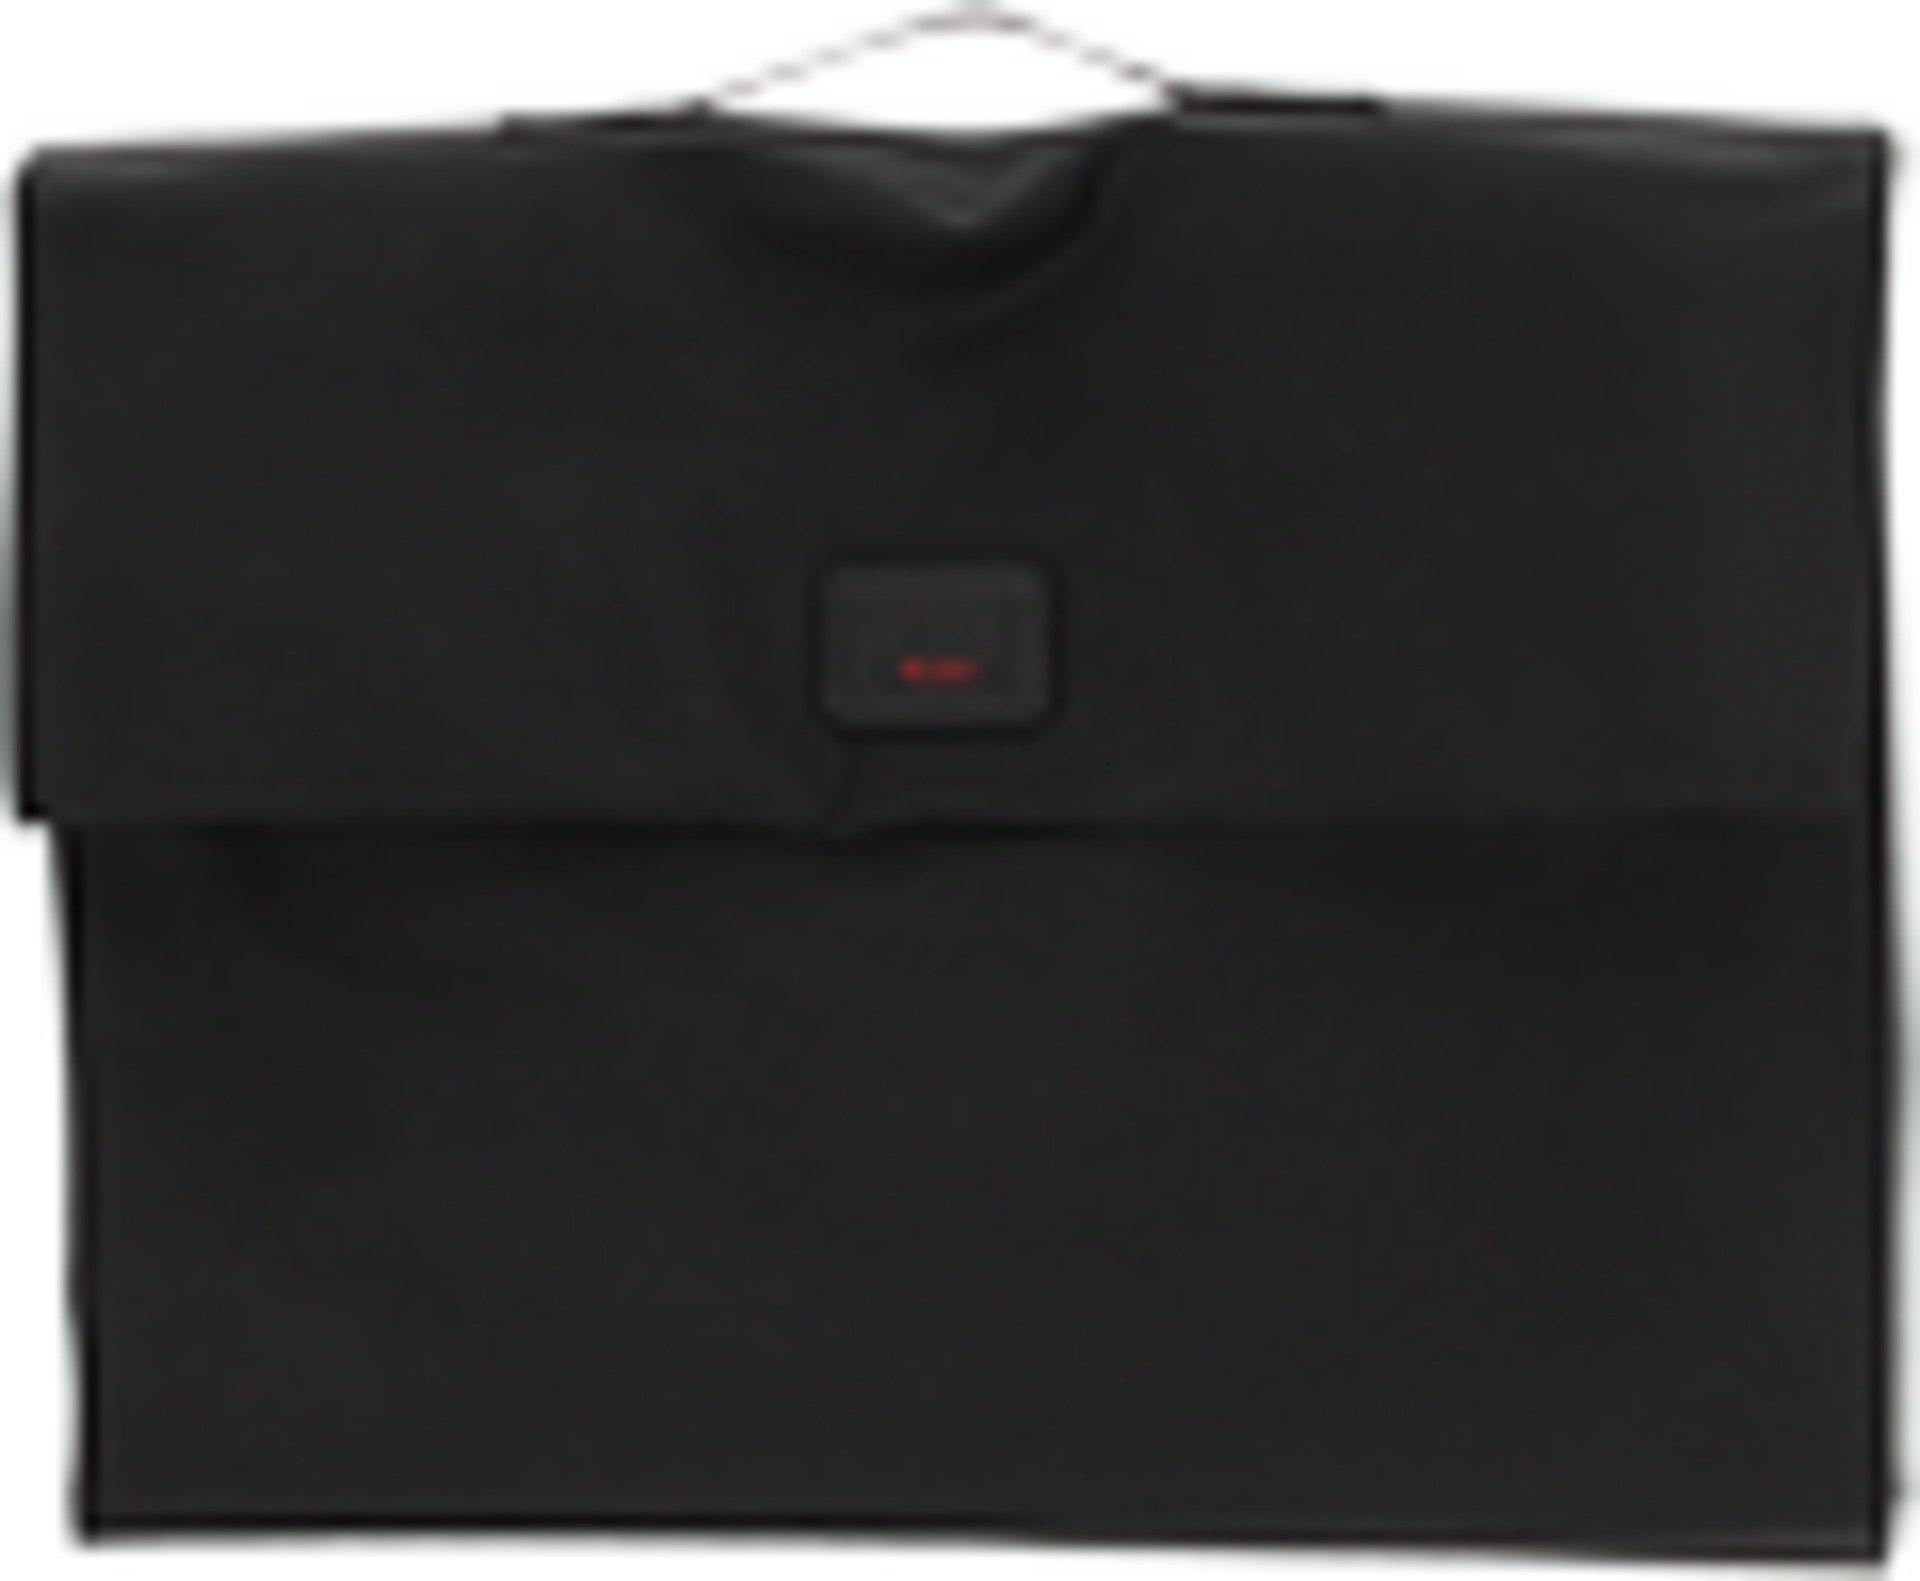 Tumi Luggage Medium Flat Folding Pack, Black, One Size